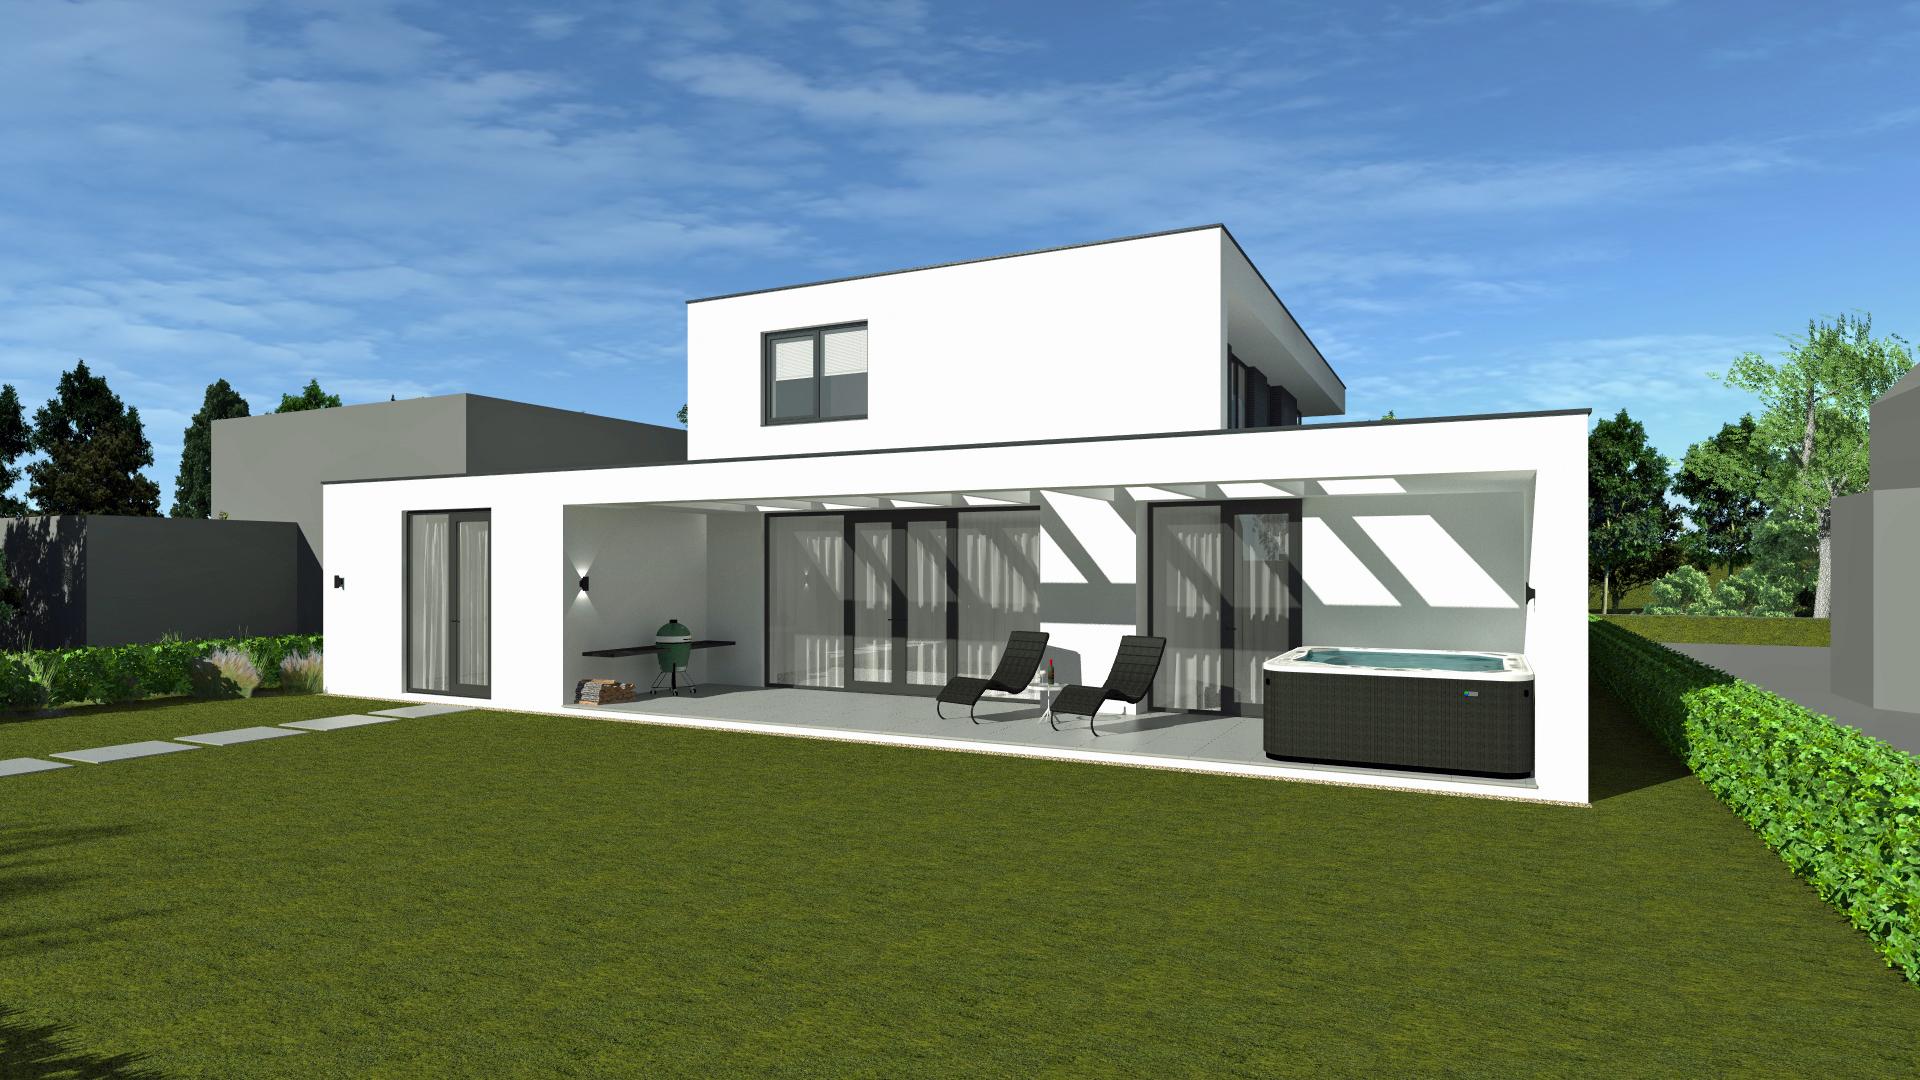 Nieuwbouw villa ontwerp door architect in Rotterdam Maxim Winkelaar maakt modern en duurzaam ontwerp.